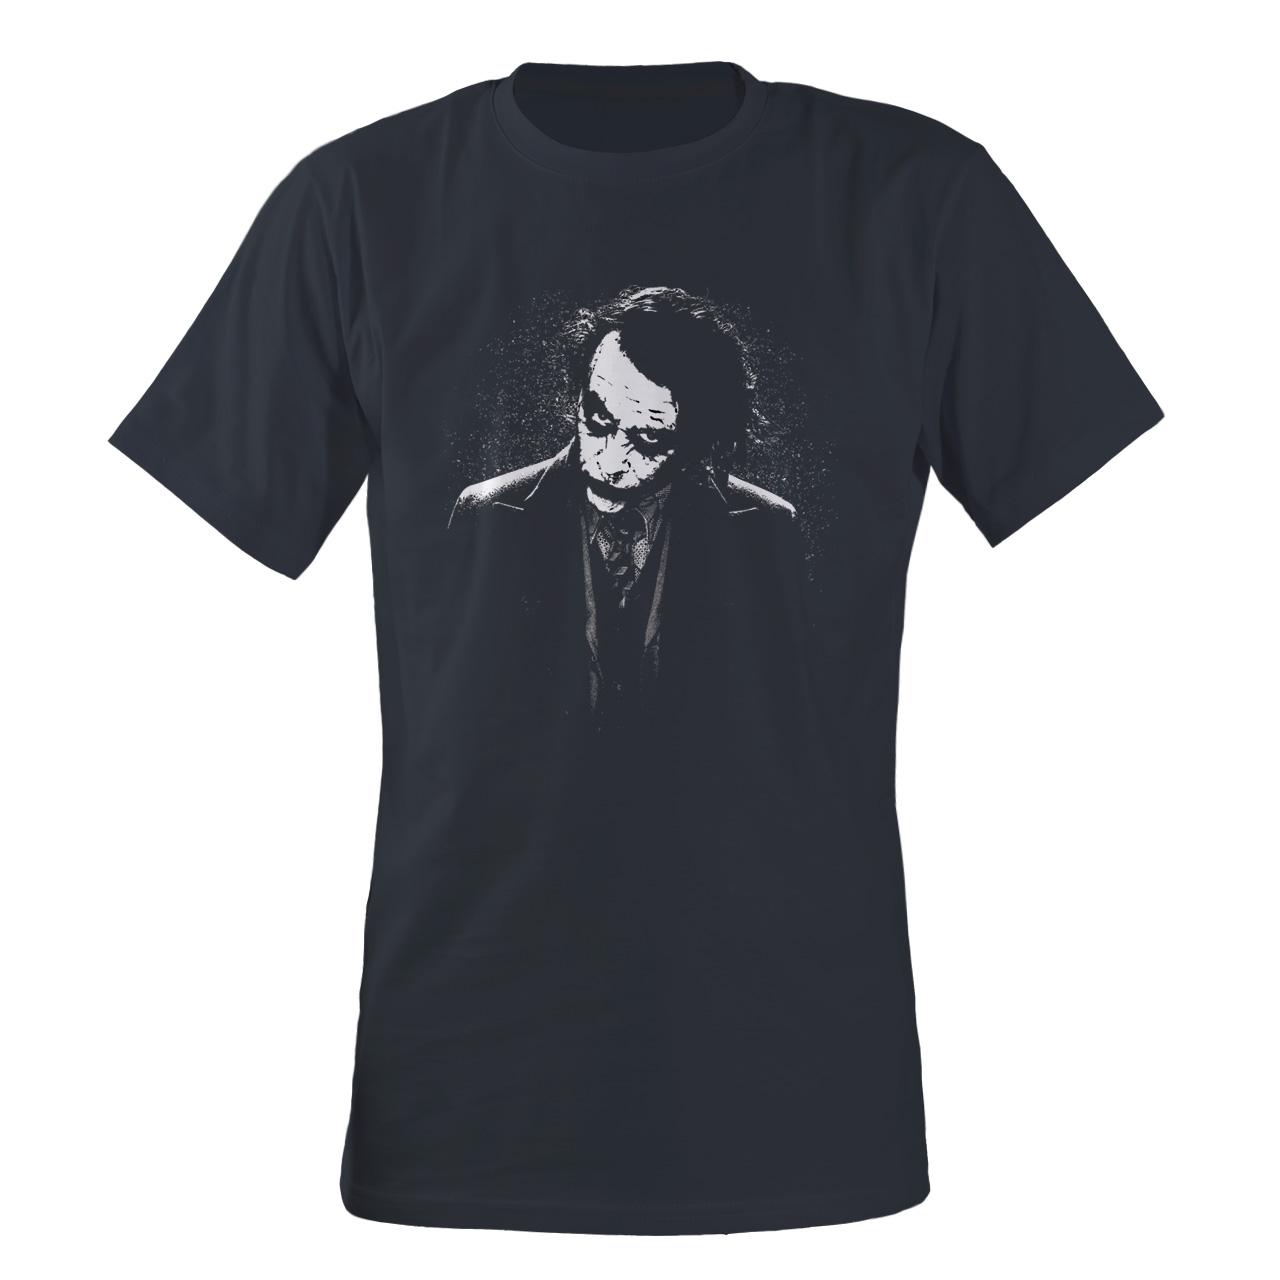 تی شرت مردانه مسترمانی طرح سینما مدل جوکر کد 1226